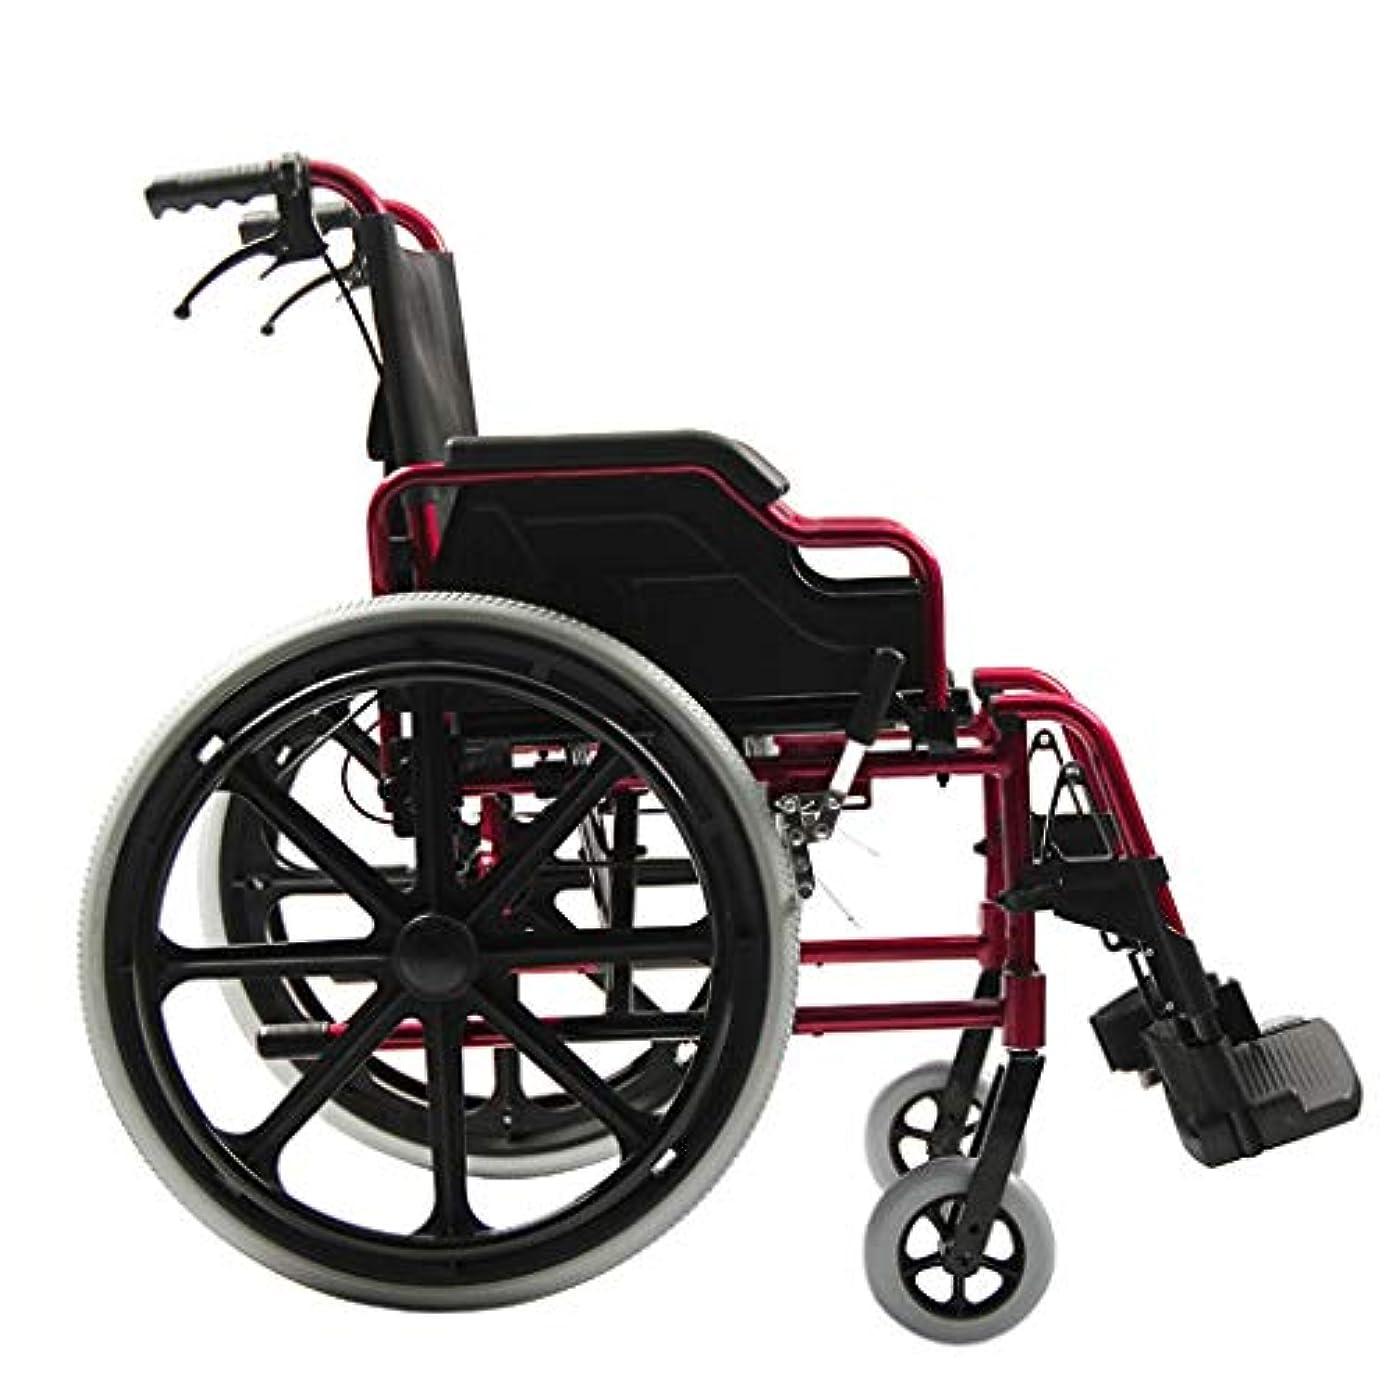 慈善冗談でラップ車椅子の手動折りたたみ、無効な高齢者の多目的手押し車椅子、アルミニウム合金、軽くて持ち運びが簡単